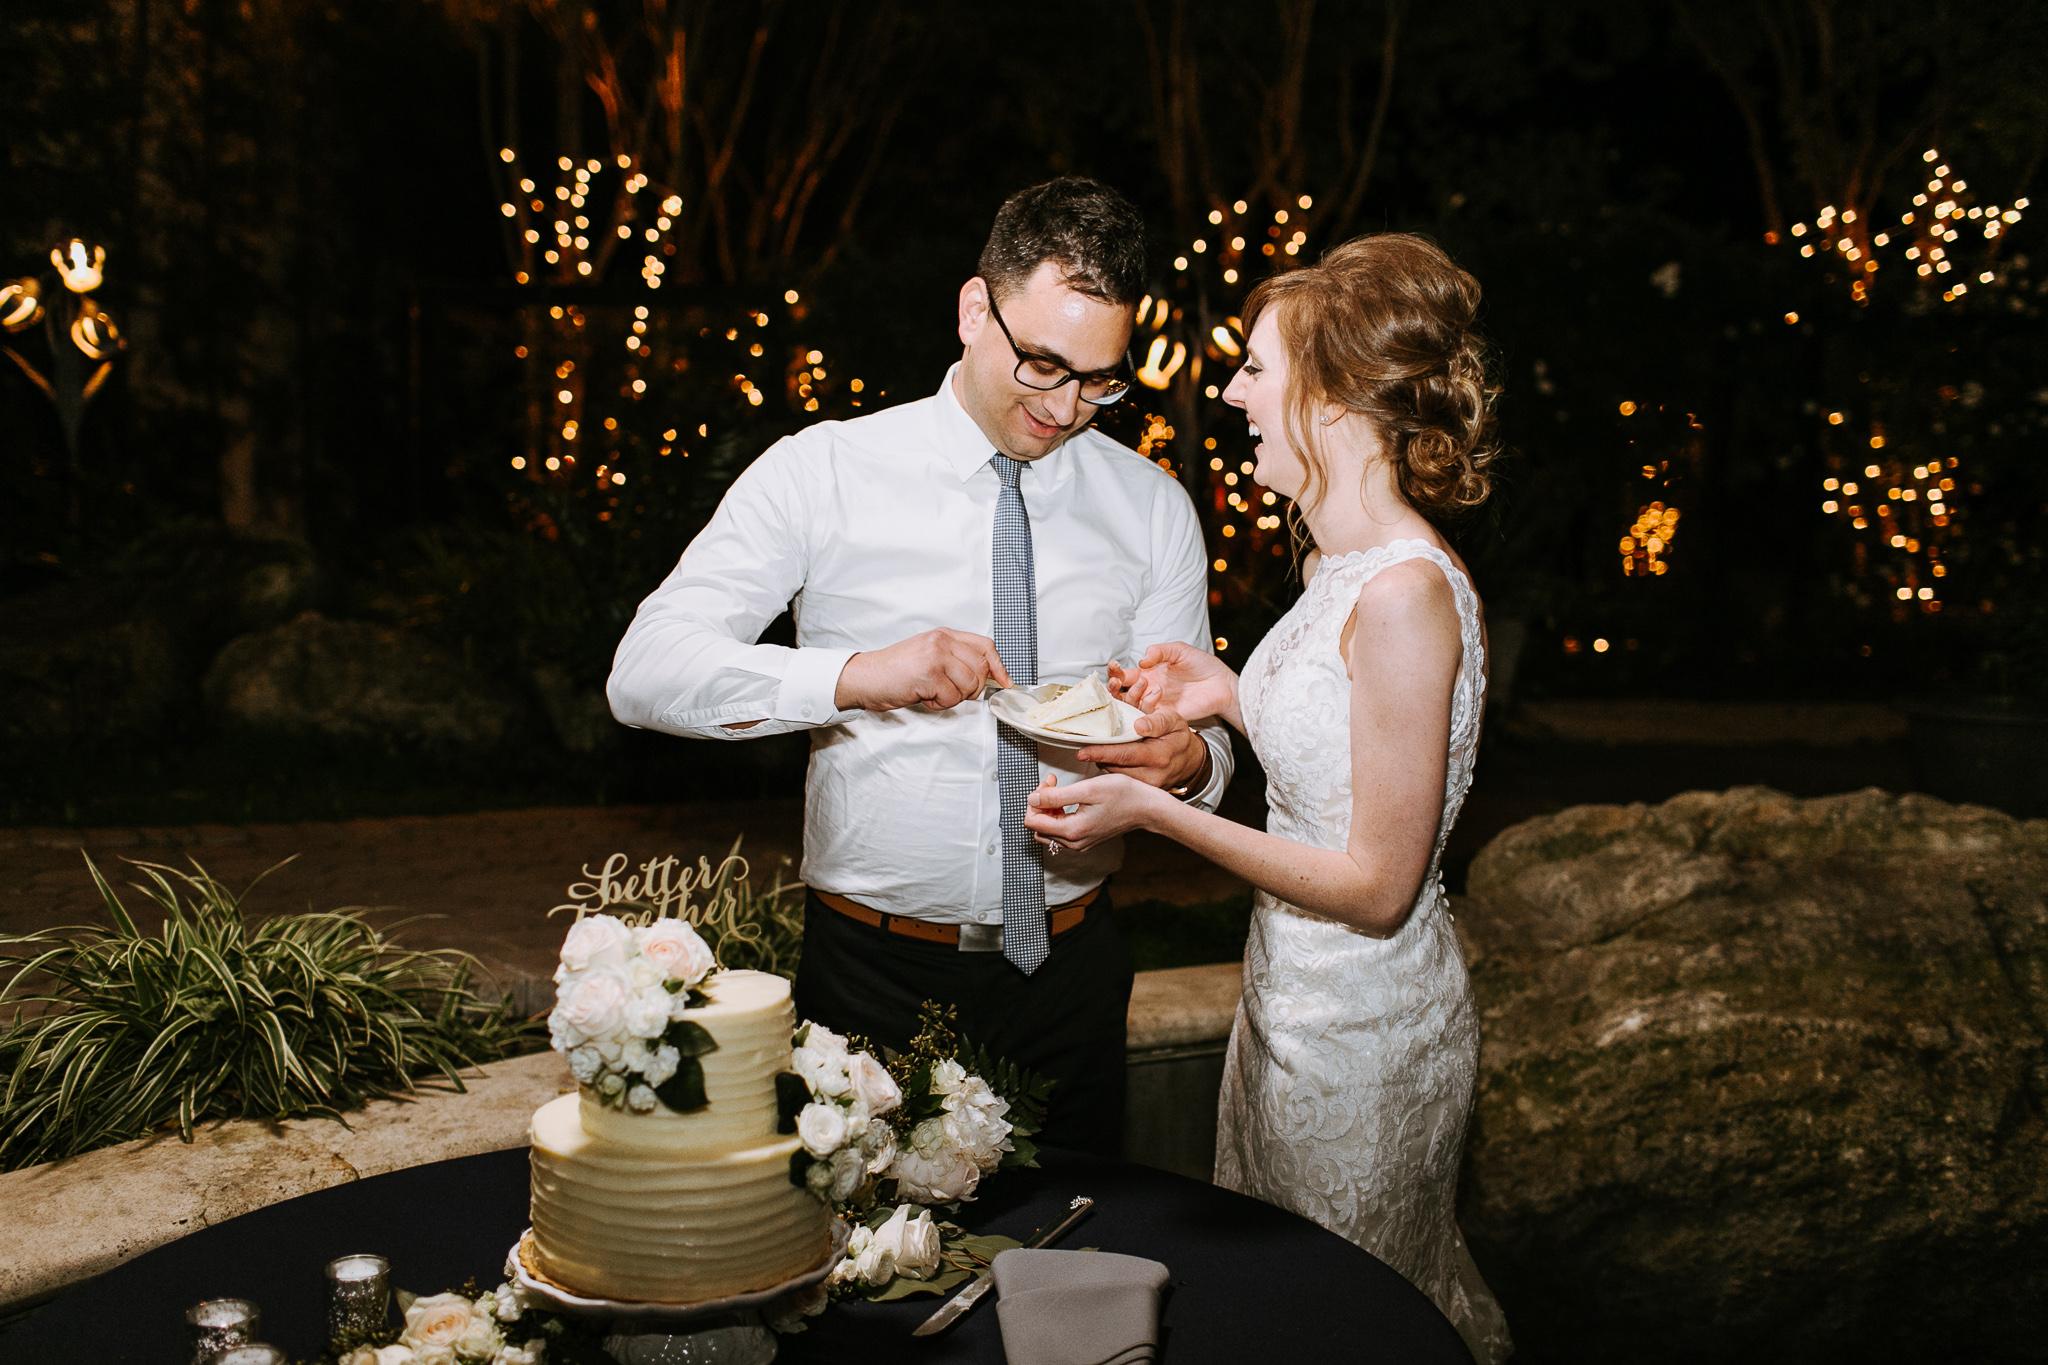 BayArea-Wedding-Photographer-61.jpg